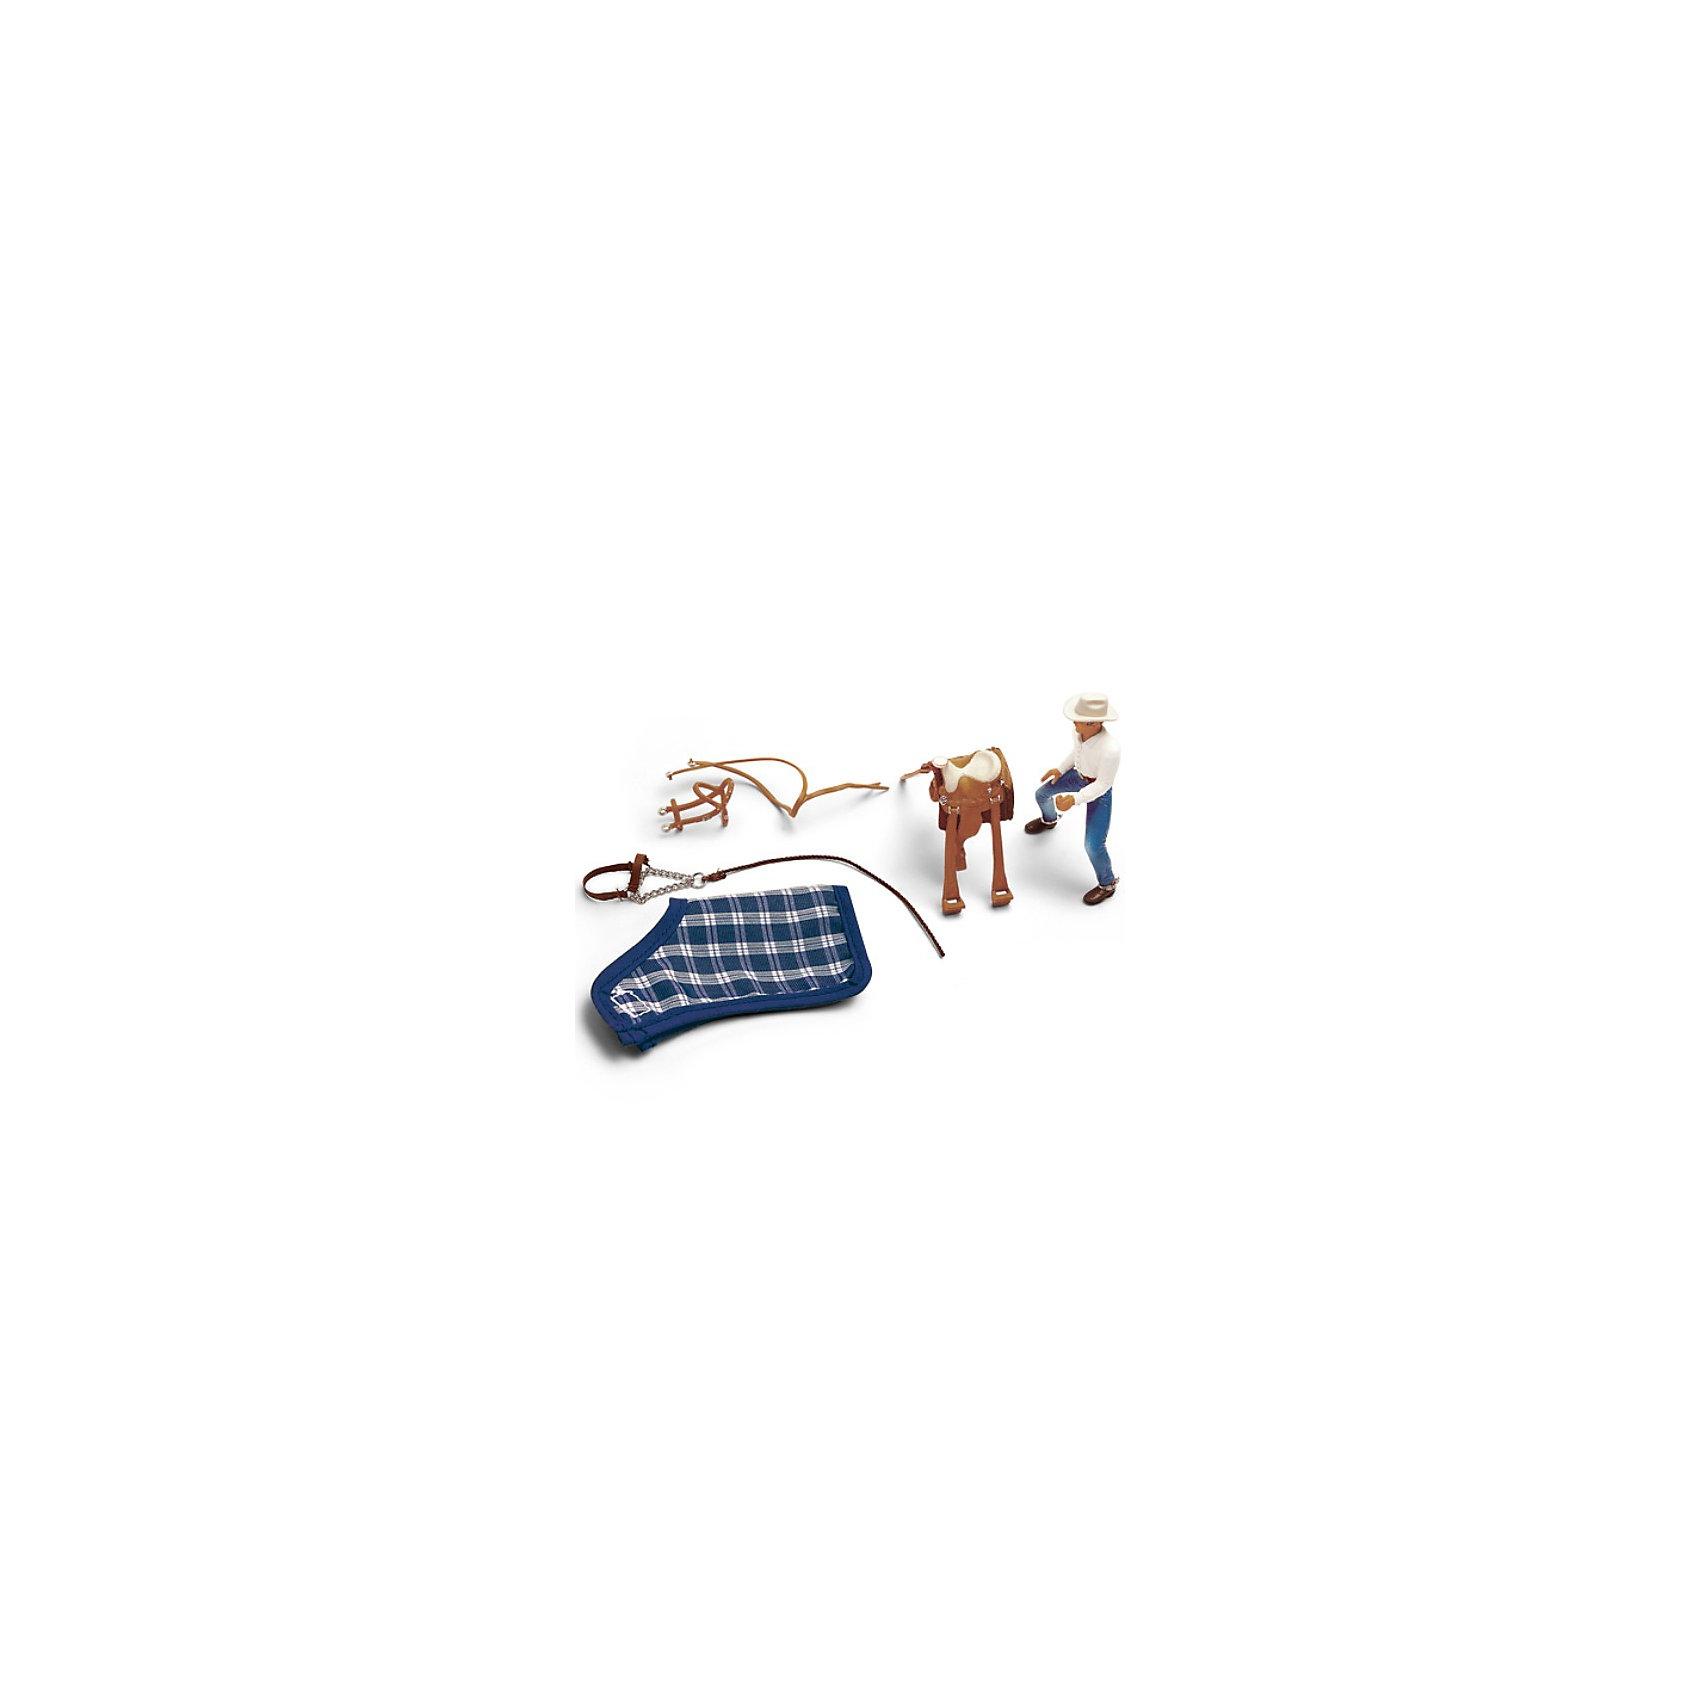 Schleich Schleich Ковбойский набор для верховой езды. Серия Ферма schleich хаска schleich